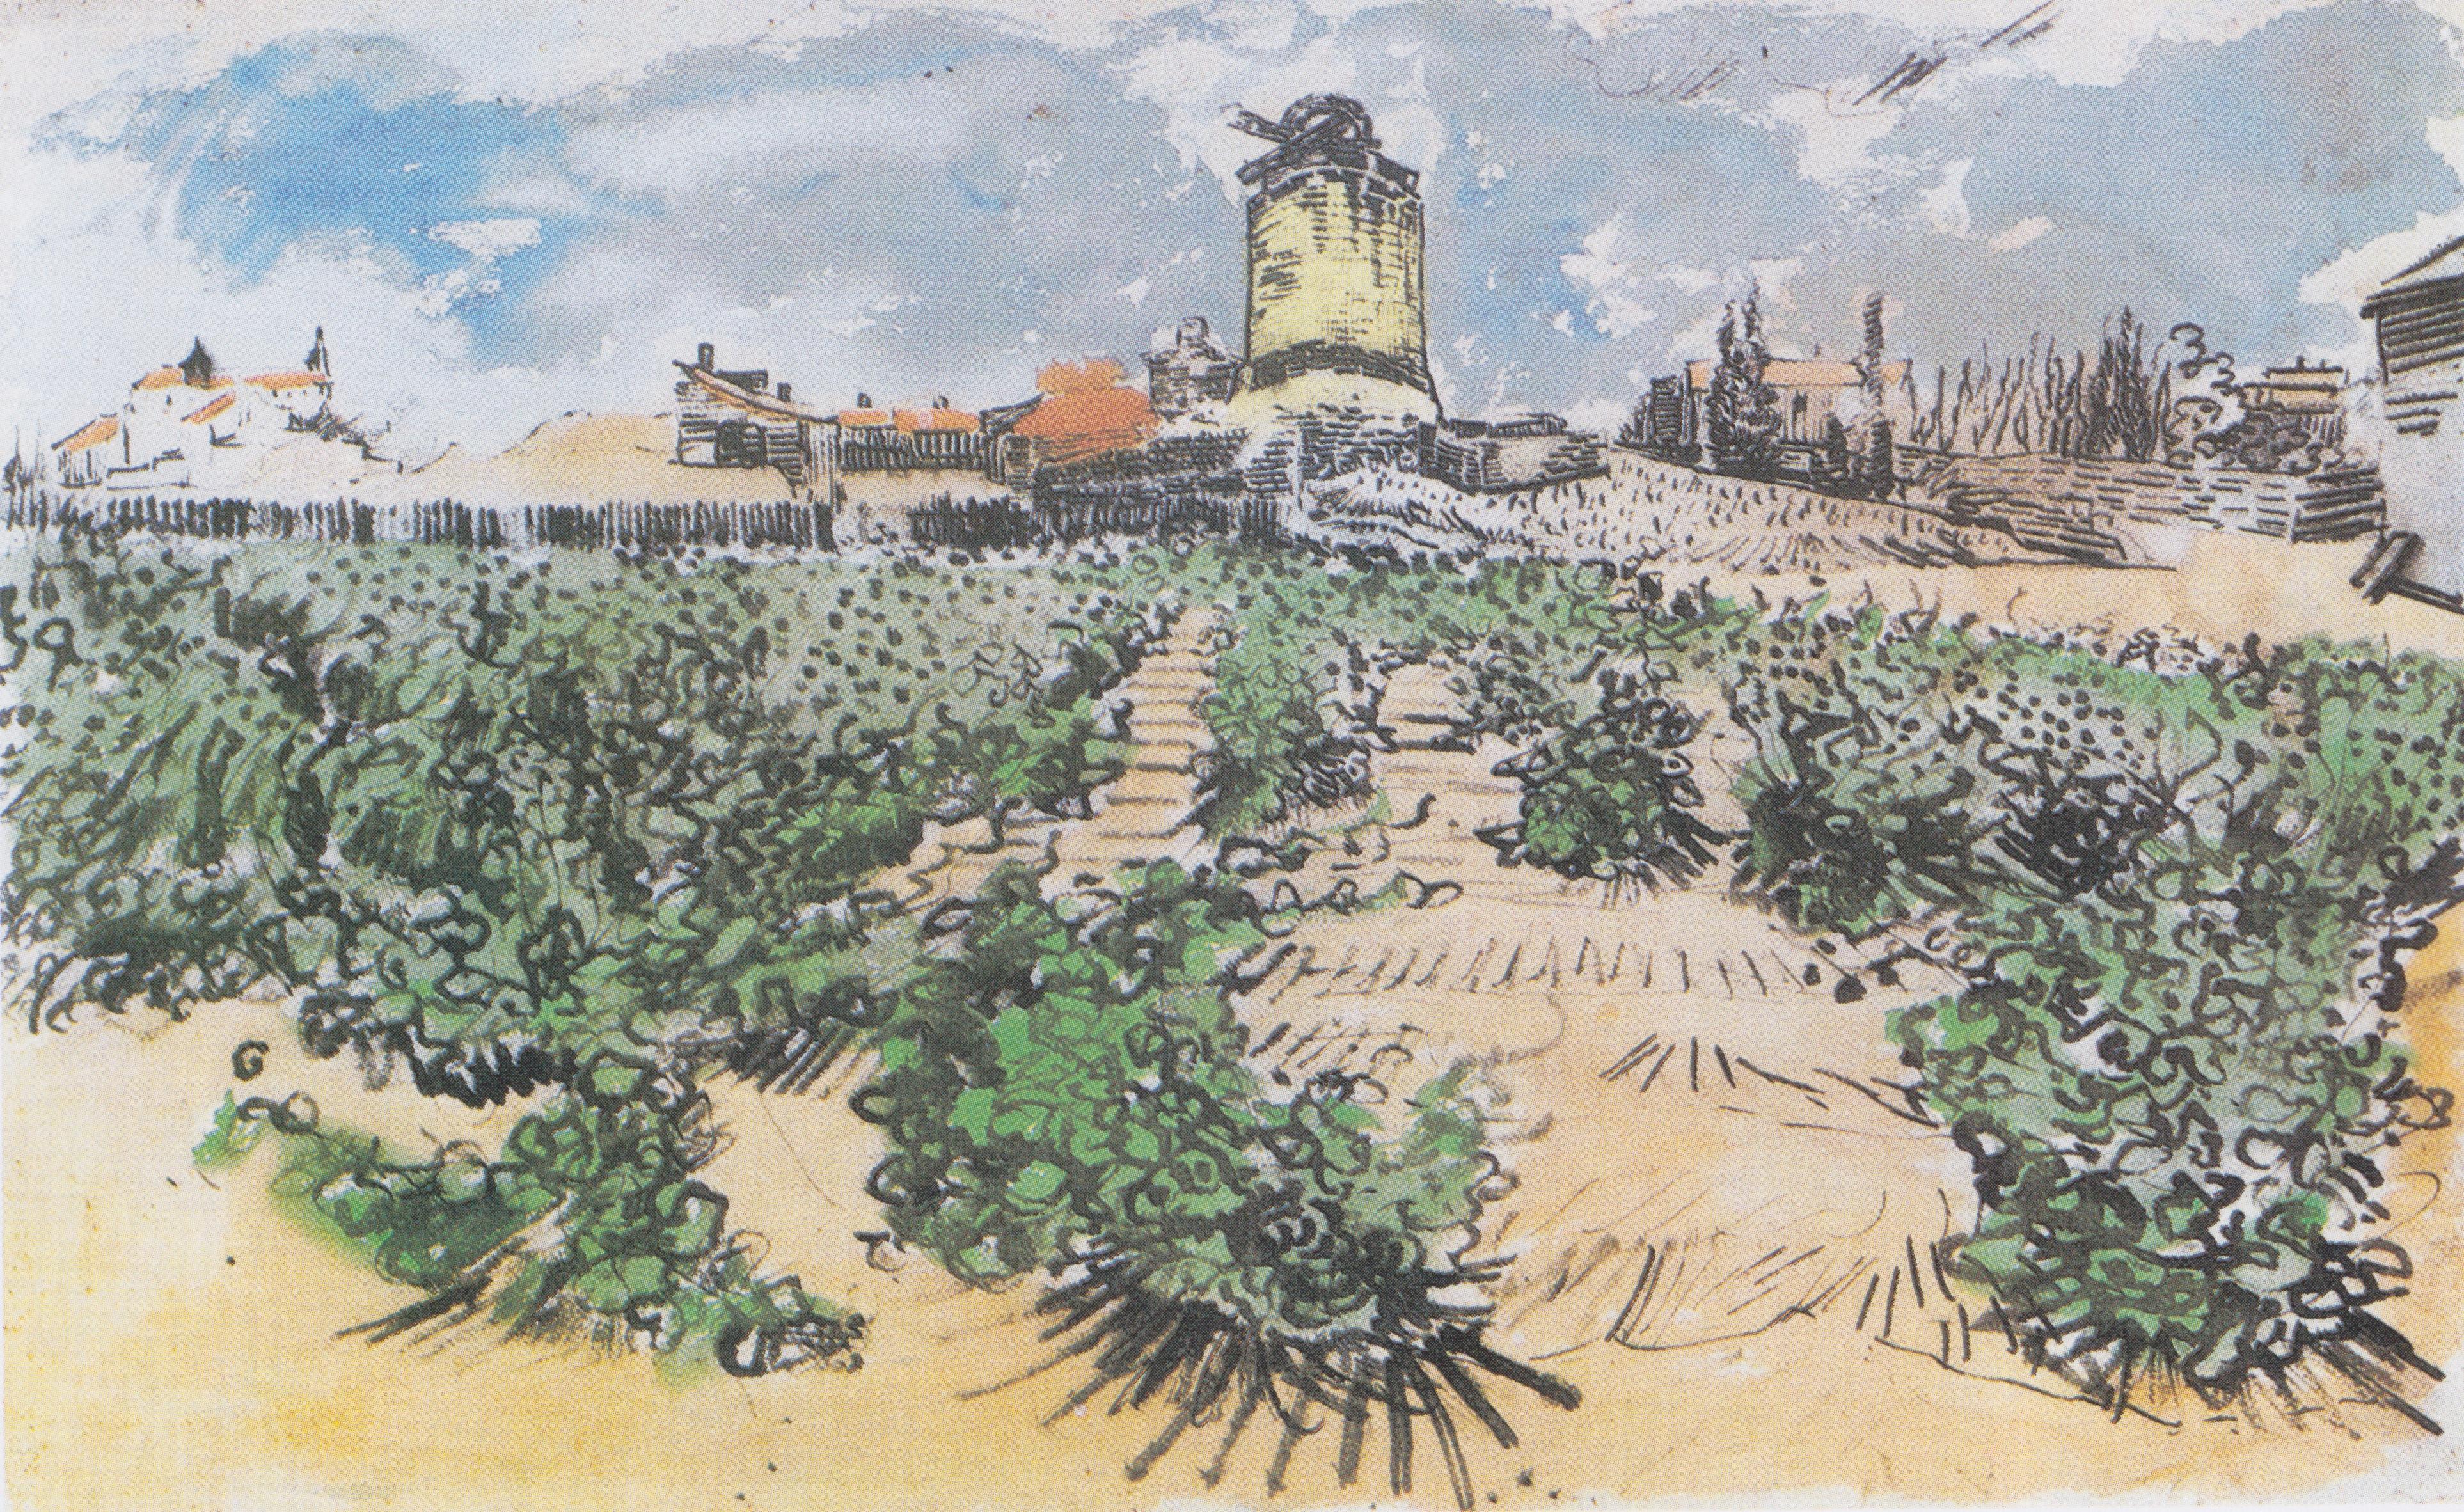 File:Van Gogh - Die Mühle von Alphonse Daudet.